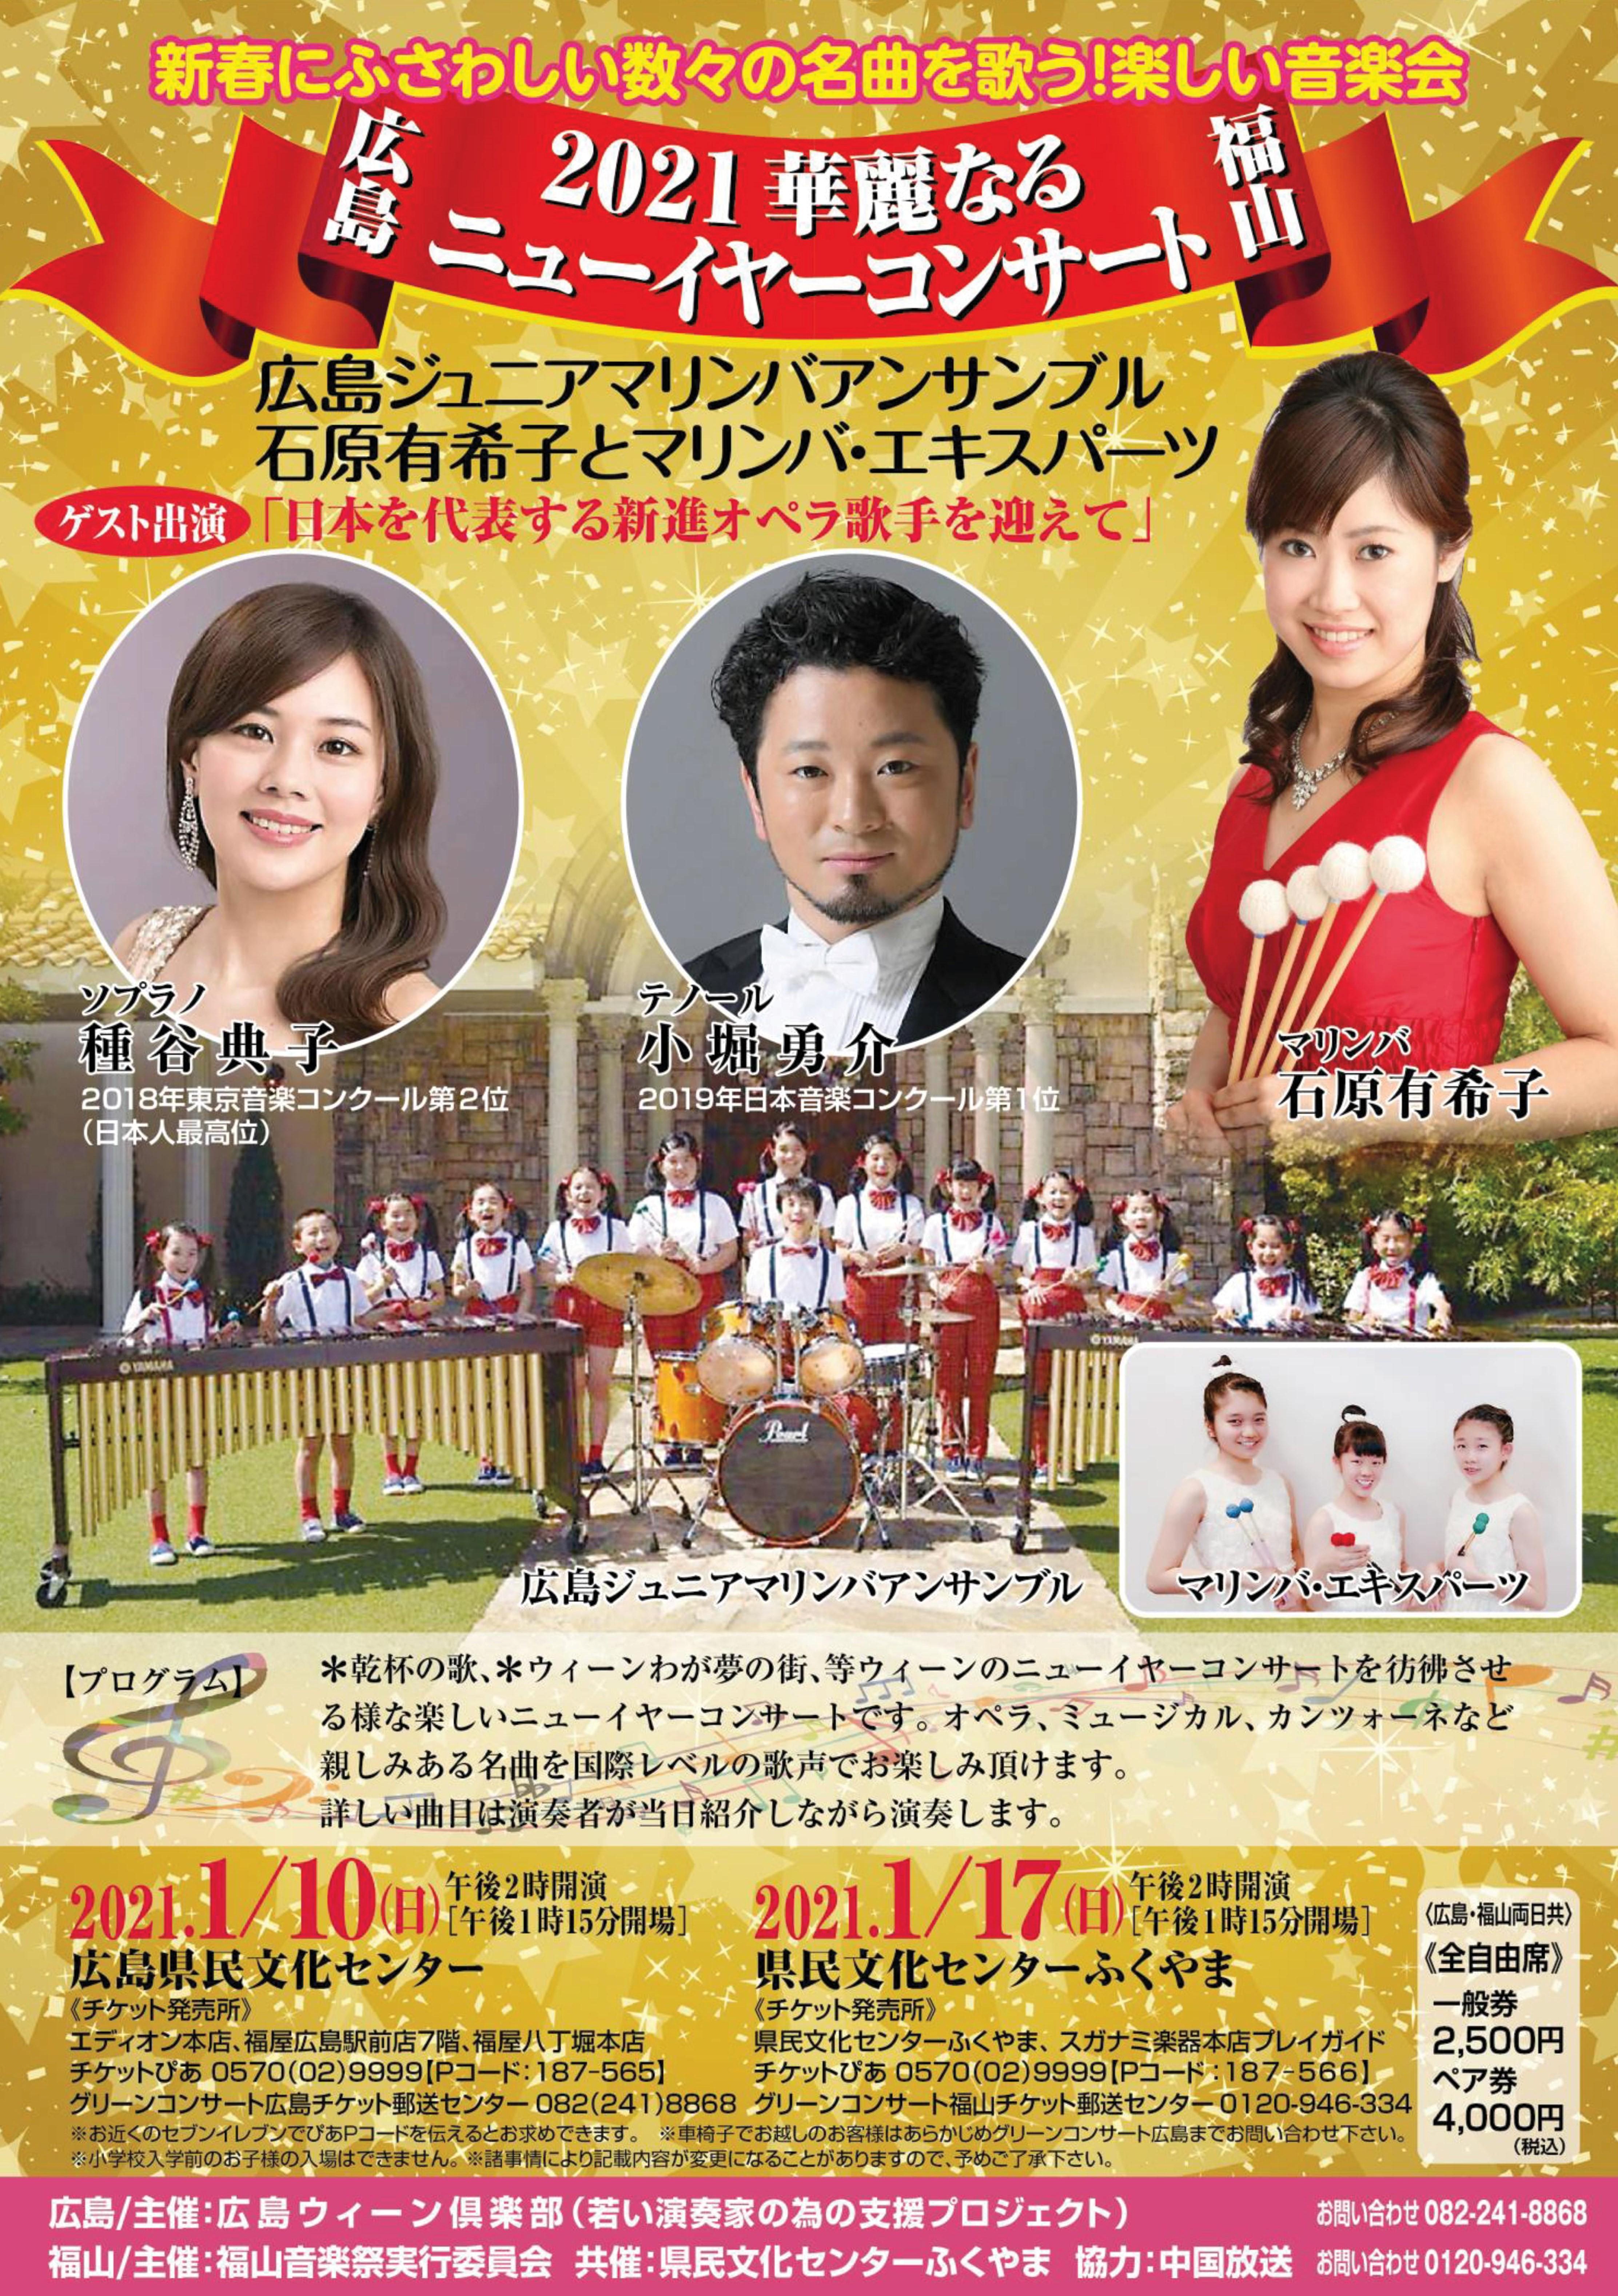 福山音楽祭1.17トリミング後